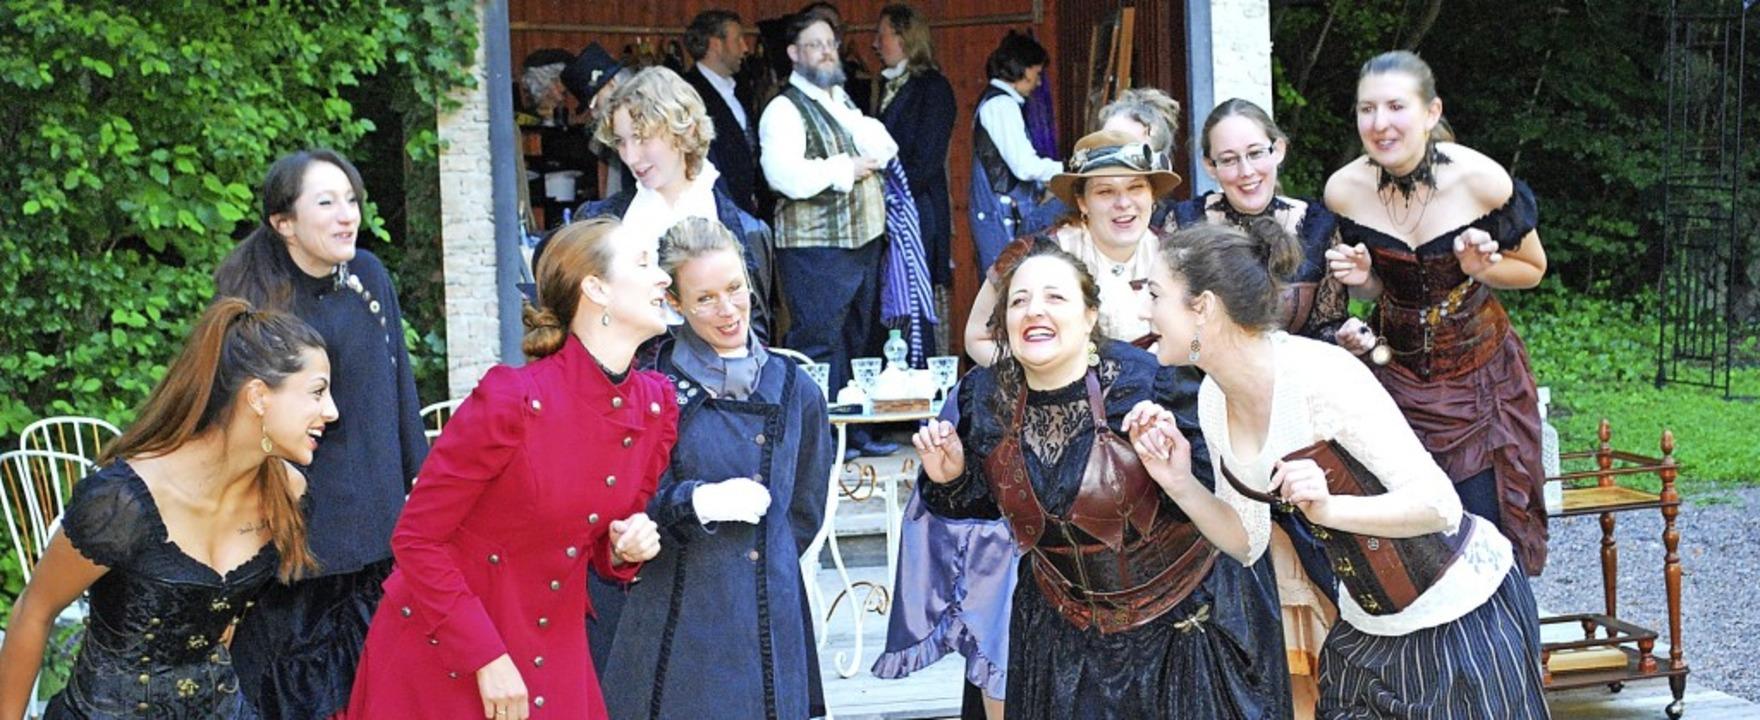 Die Teegesellschaft ist ein festes Element im Theaterstück.   | Foto: Sylvia-Karina Jahn